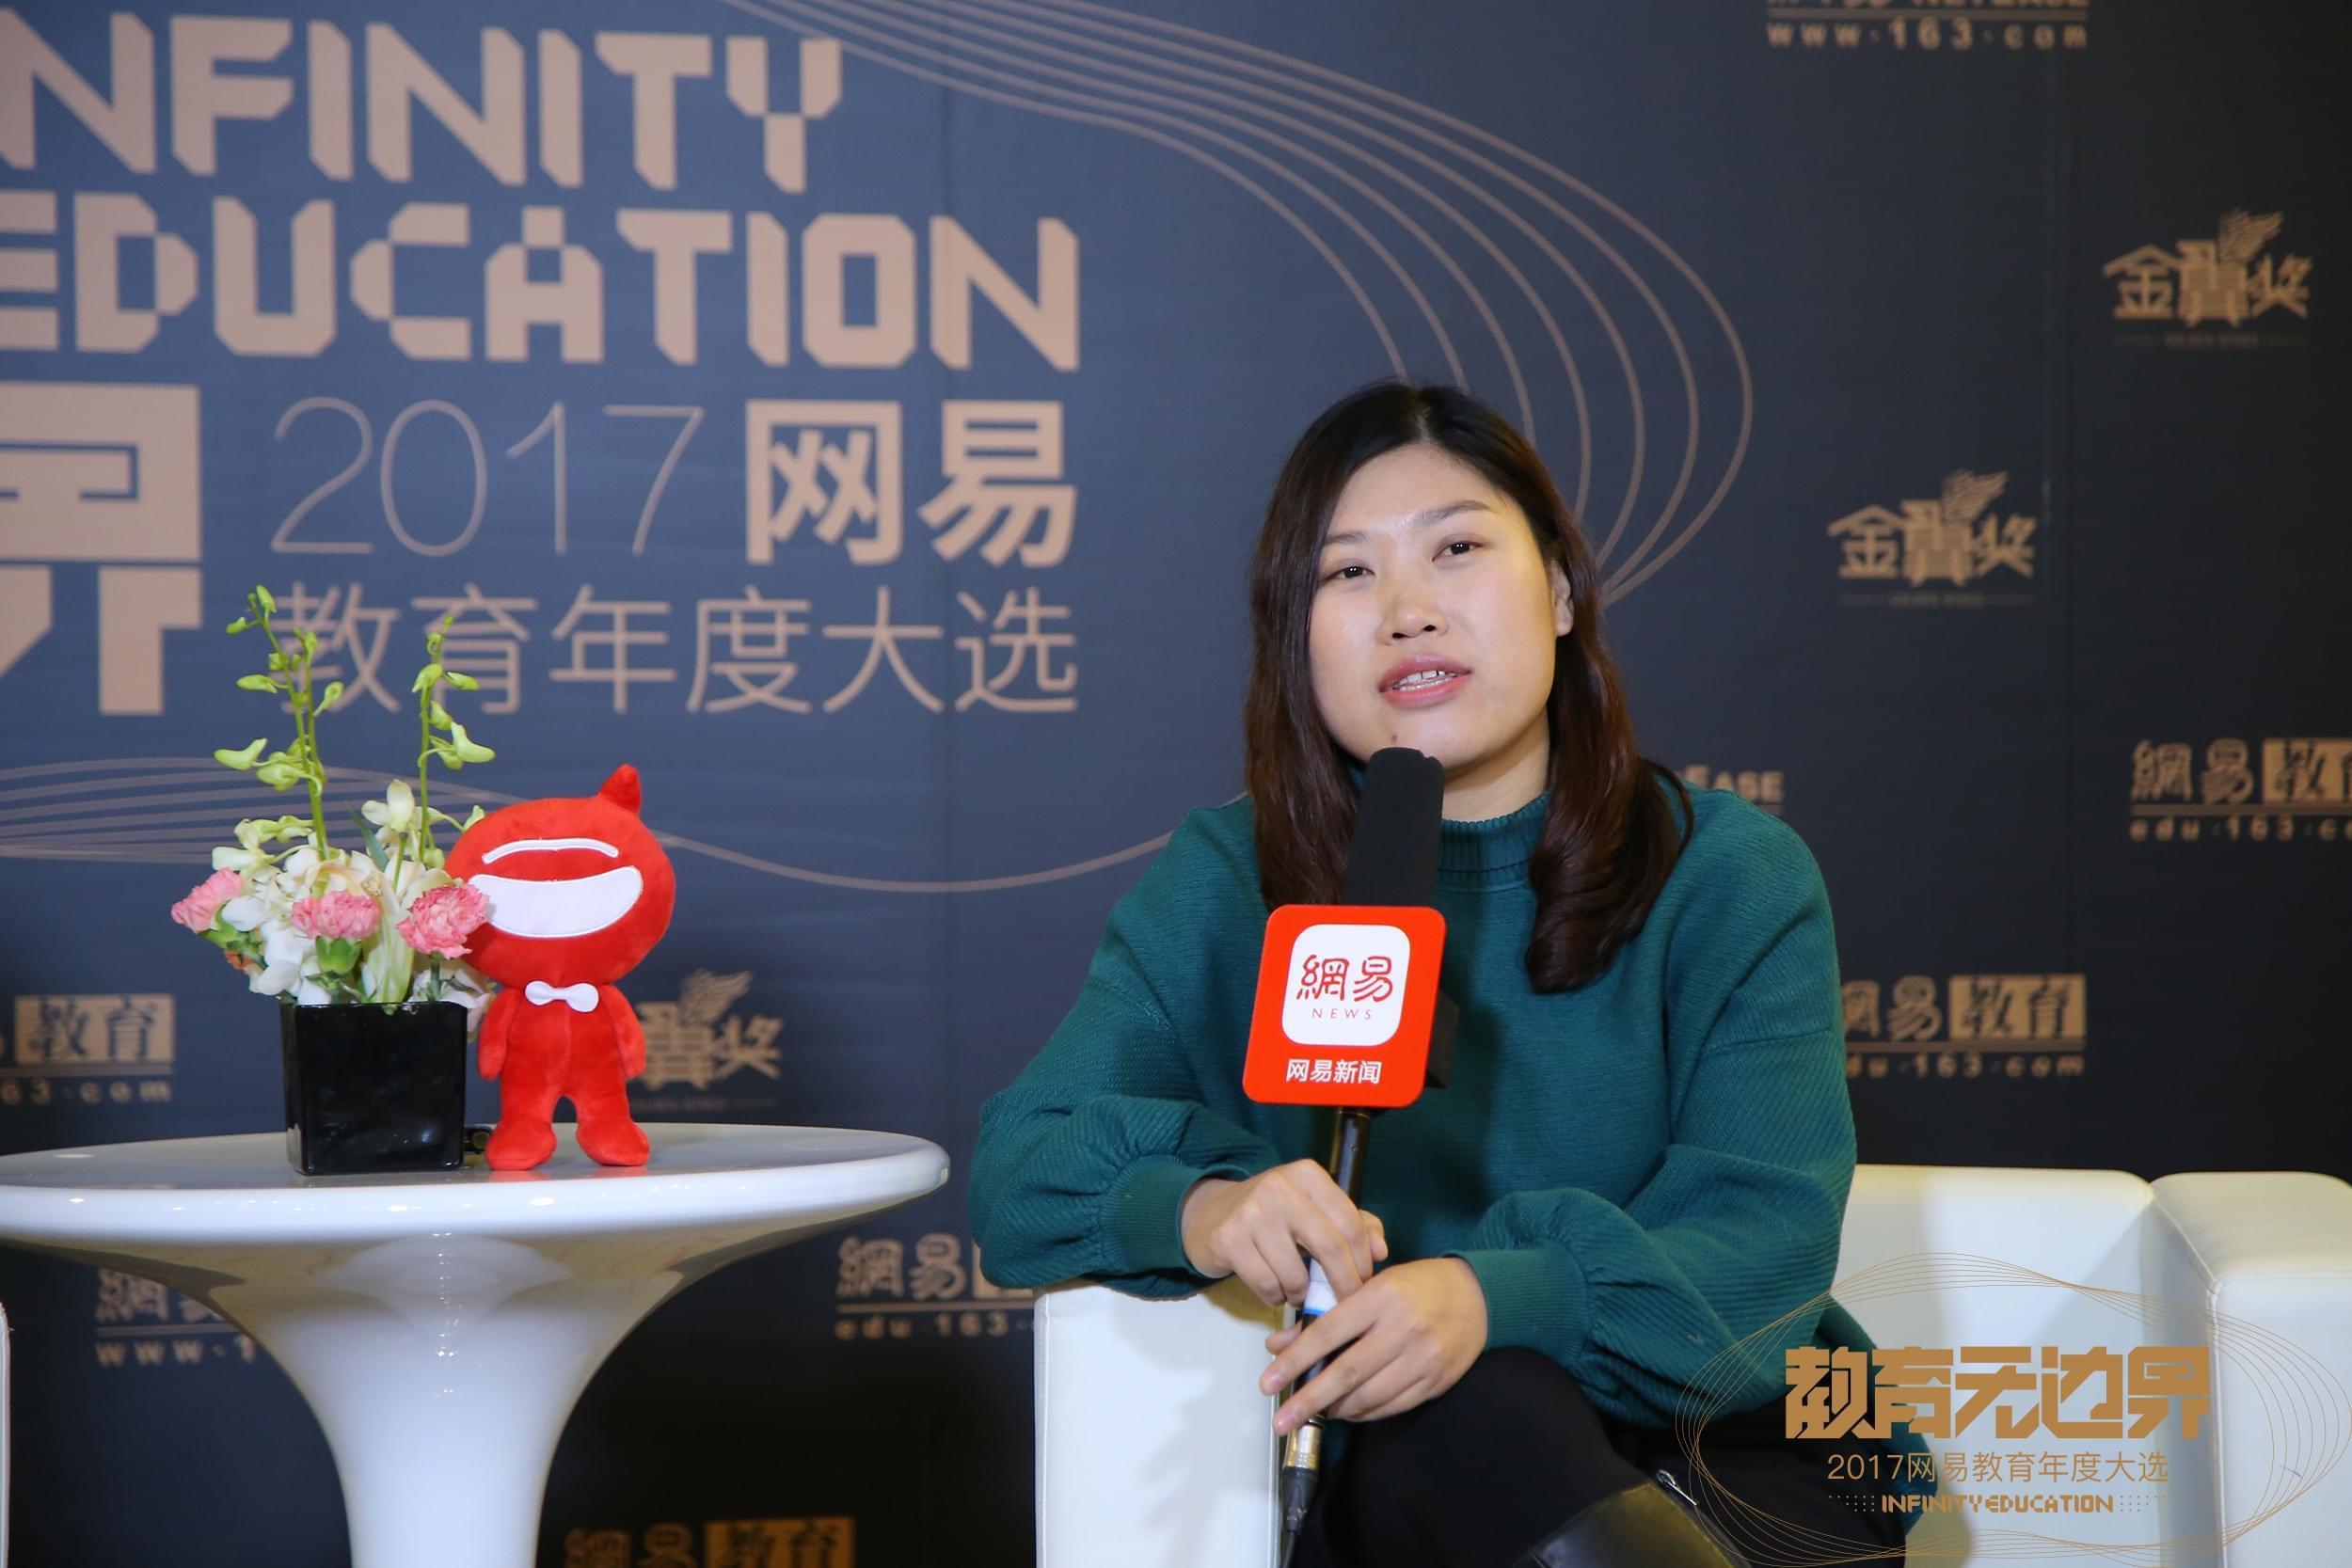 中业教育曹丹丹:满足学员需求 成就员工梦想